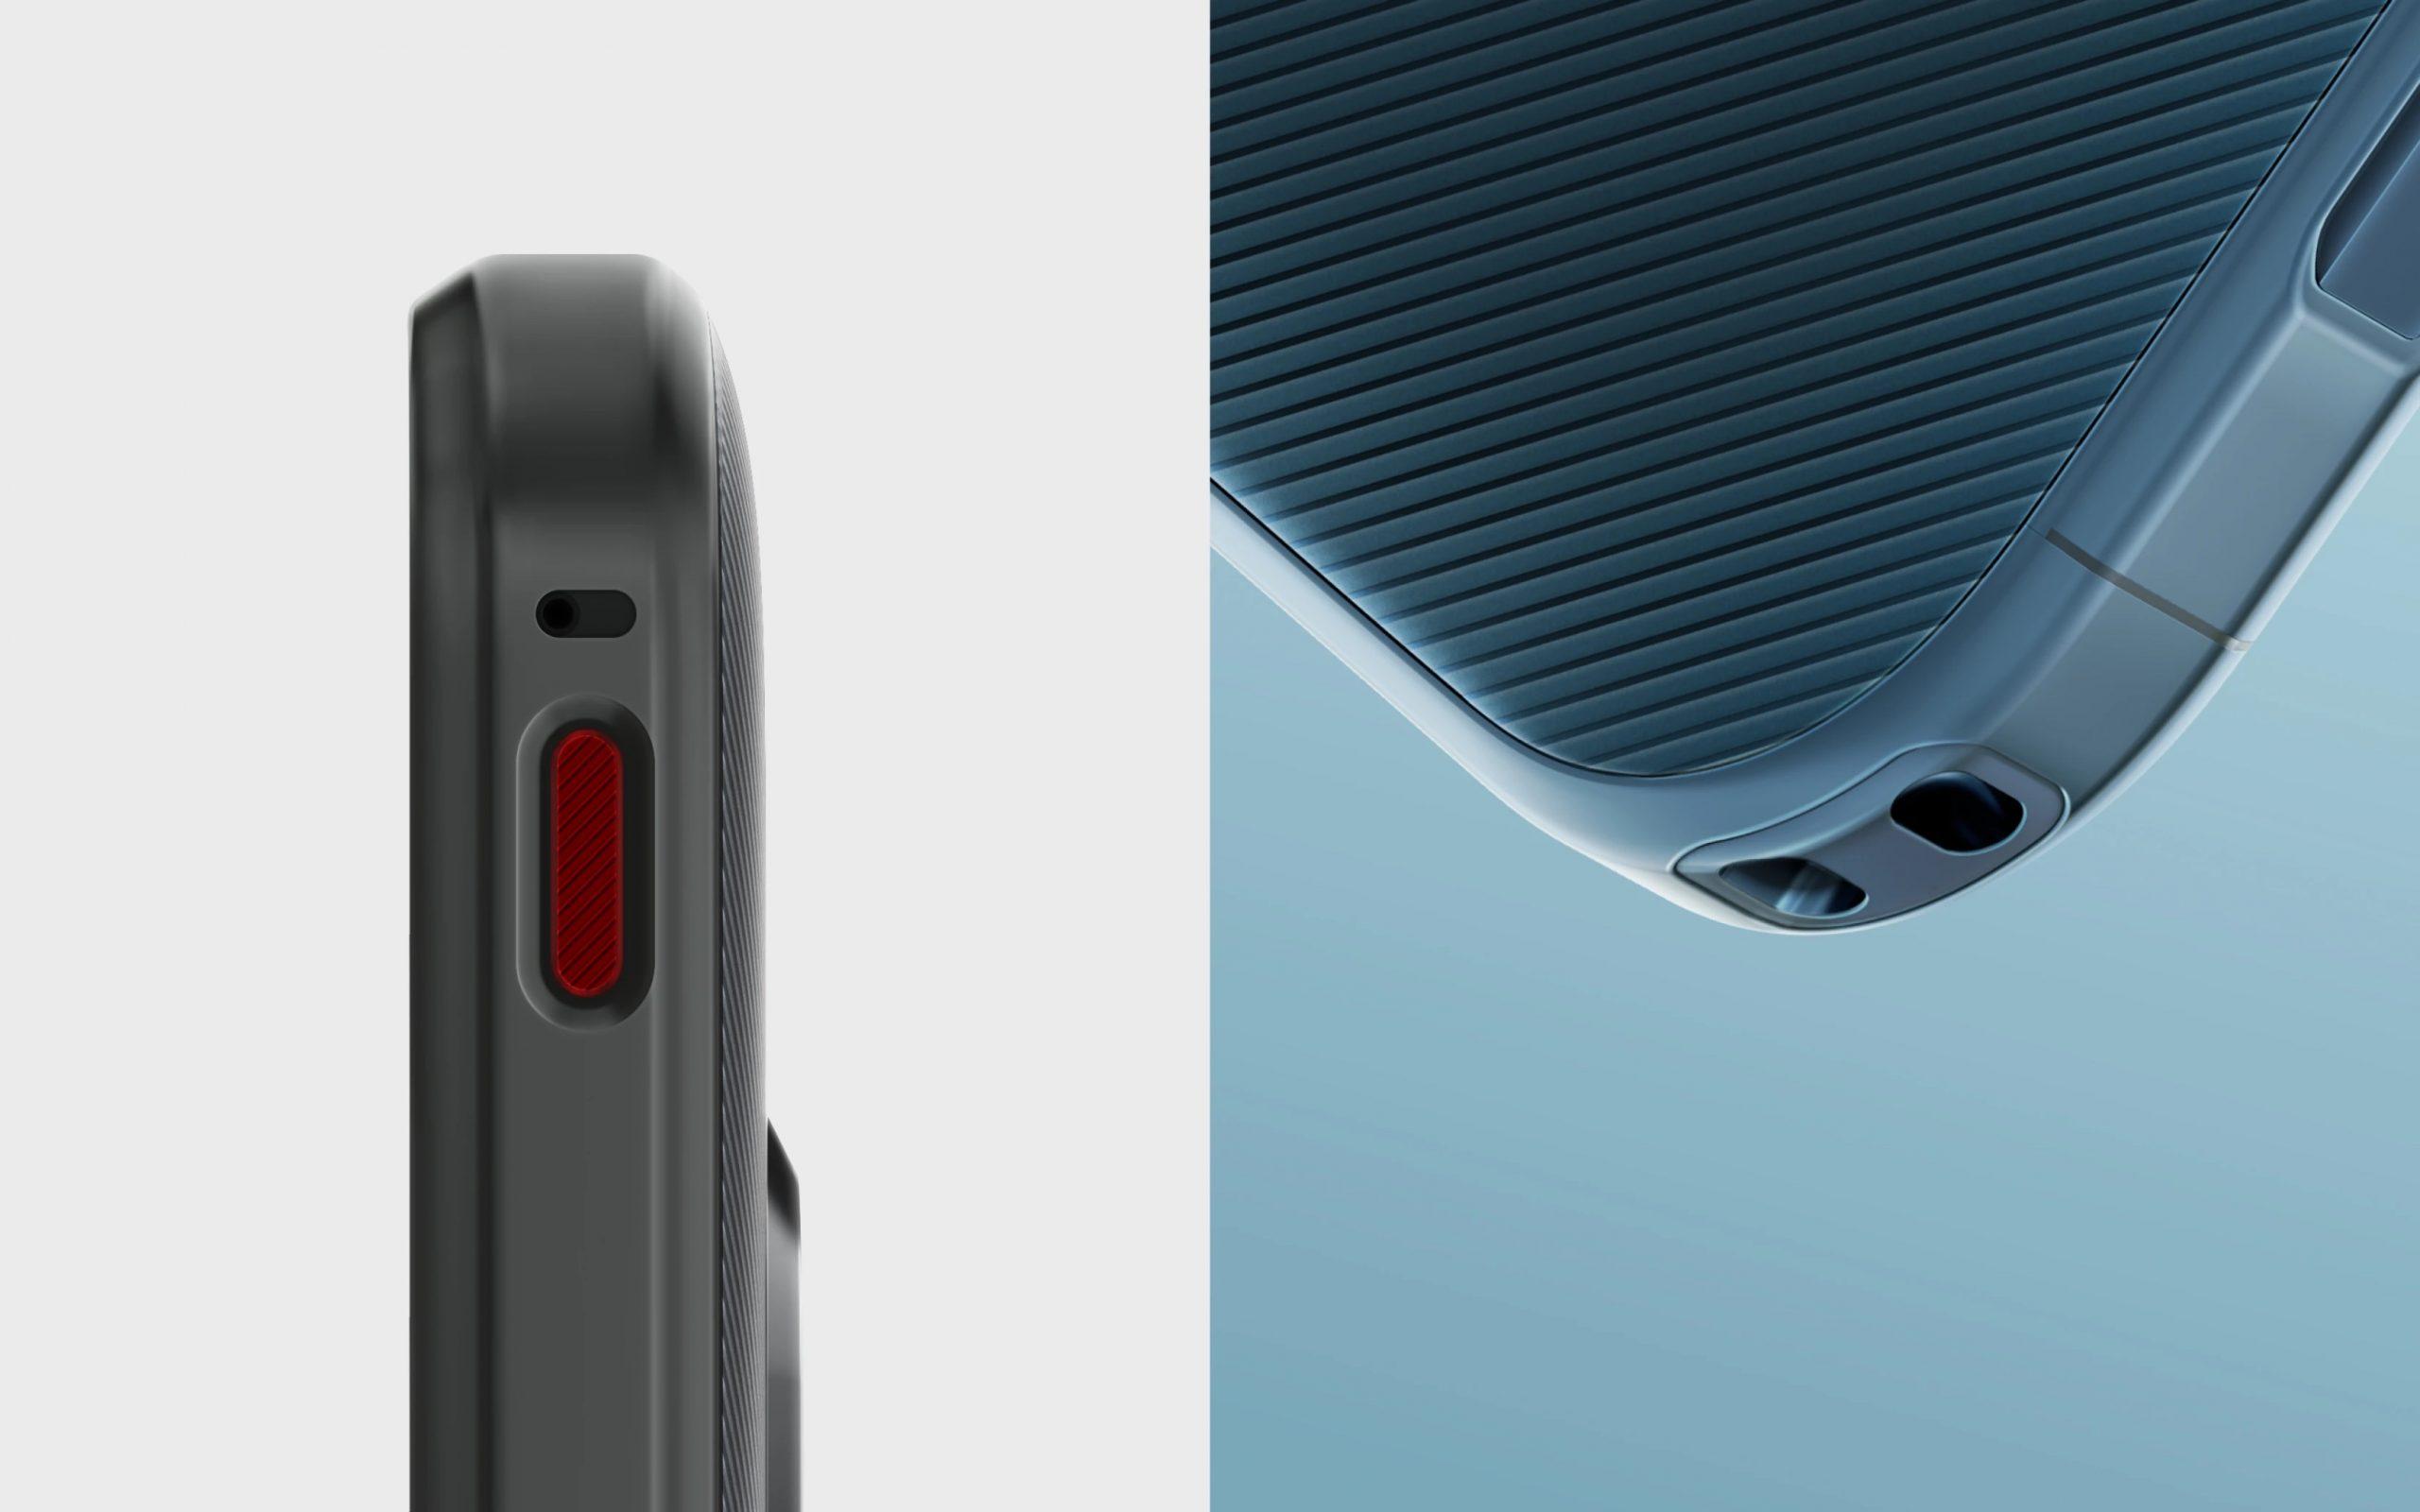 Nokia XR20 sisältää erikoisominaisuuksia, kuten punaisen ohjelmoitavan toimintopainikkeen sekä paikan kantohihnalle.